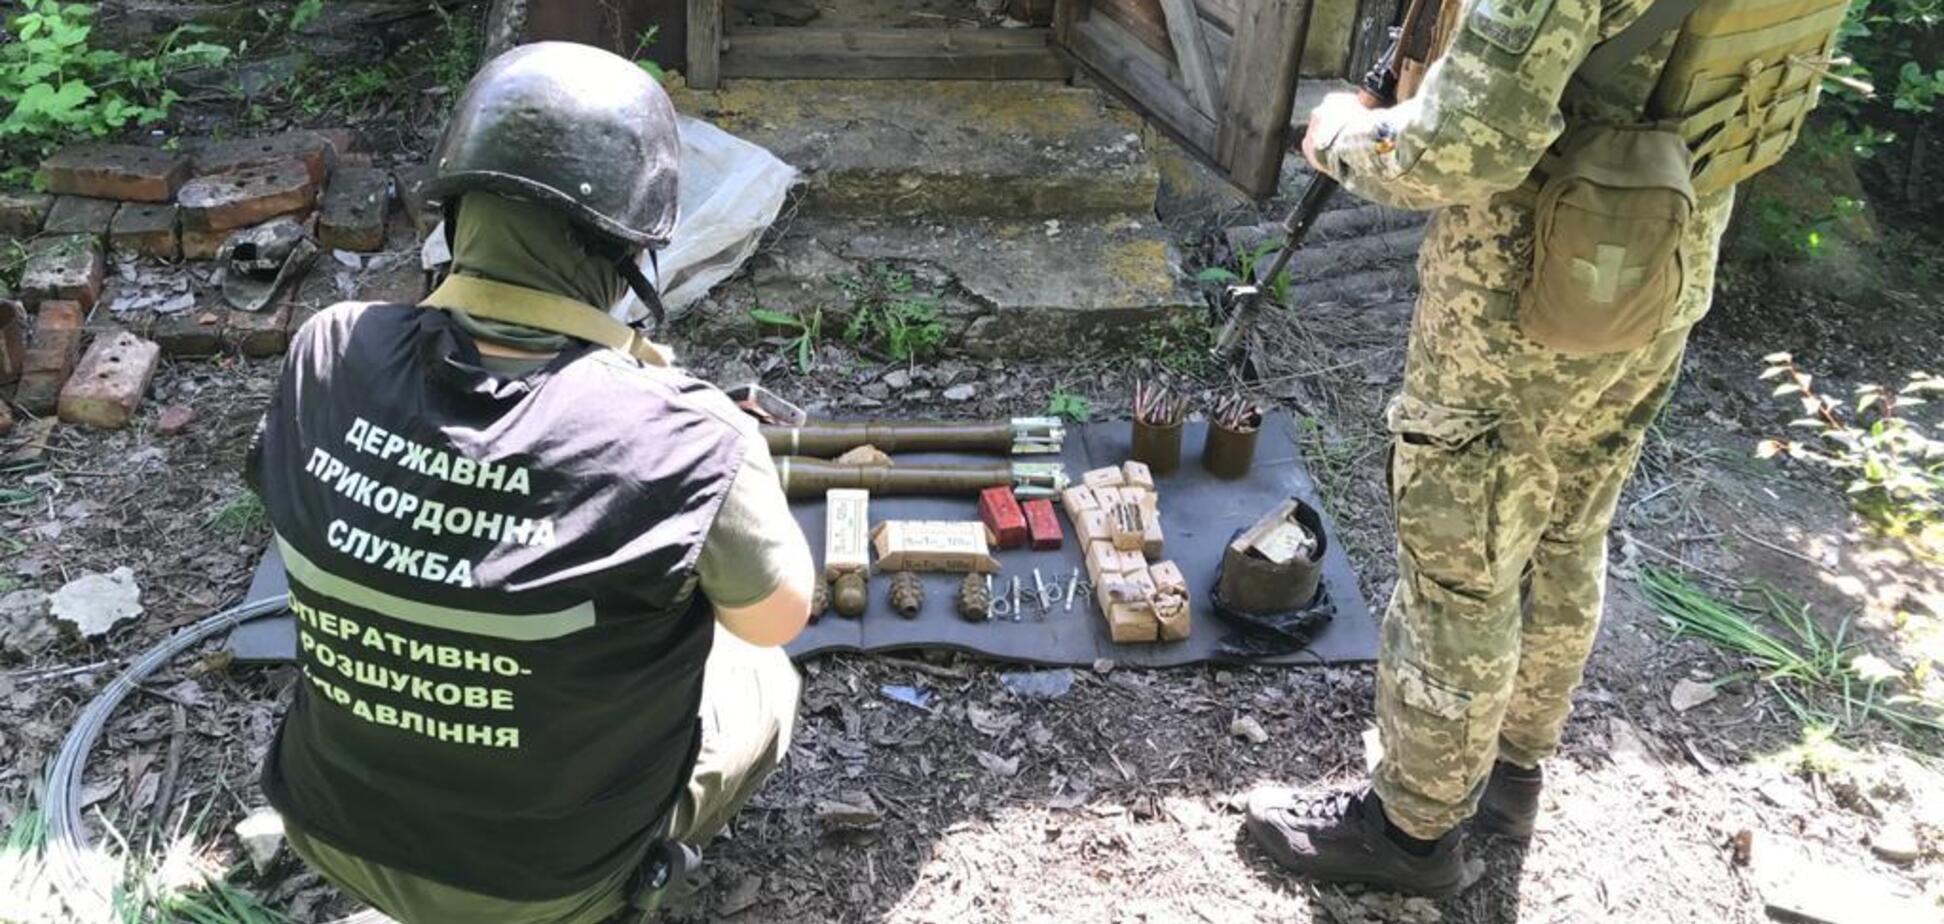 На Донбассе нашли тайник с тротилом, гранатами и более 2000 патронов